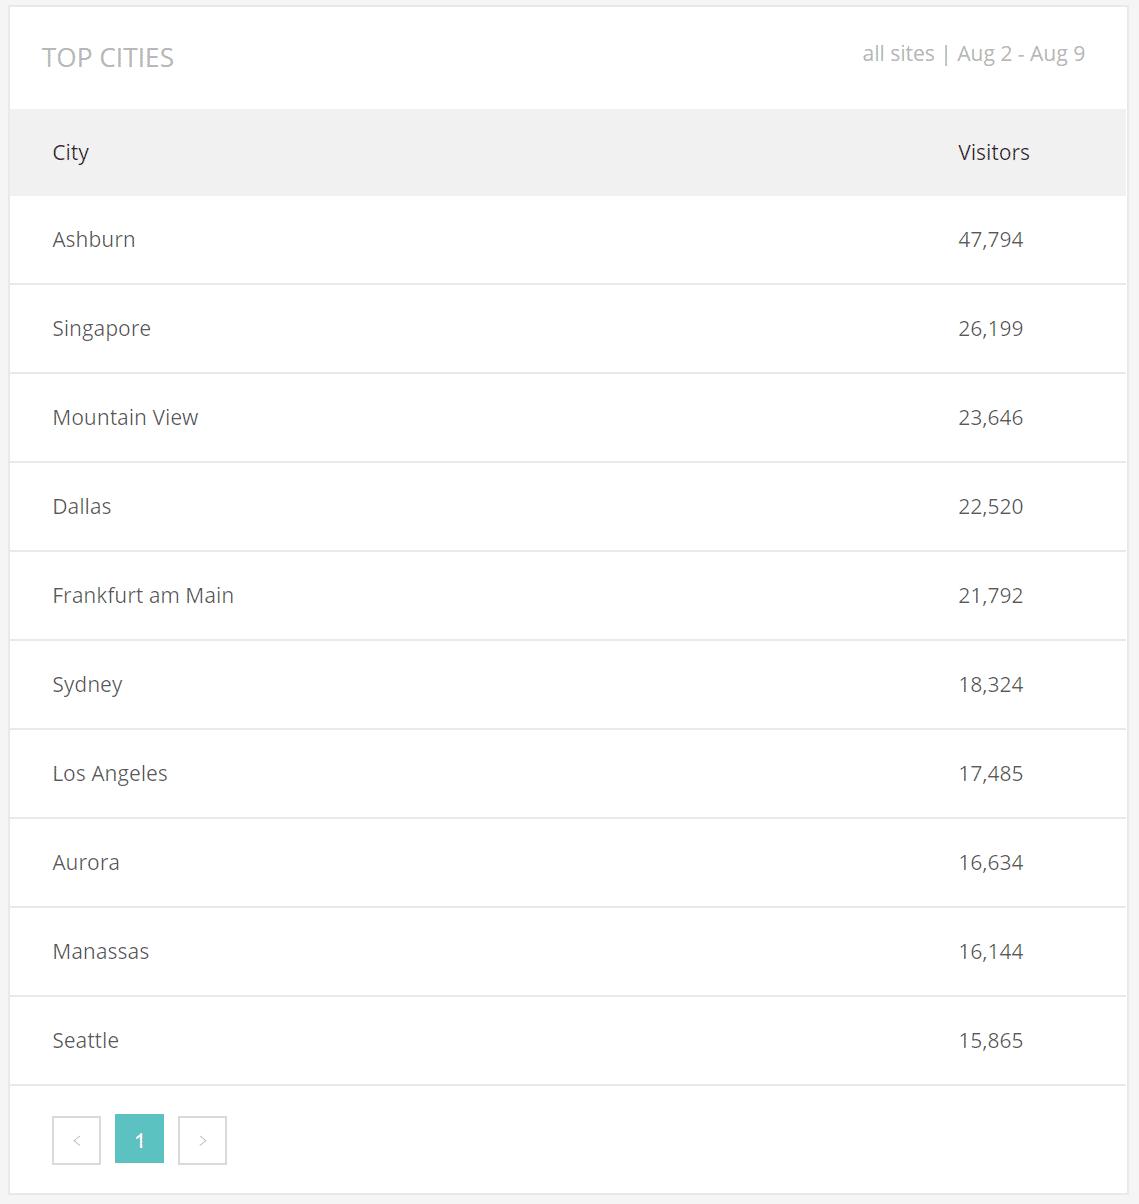 Geo Analysis - Top cities